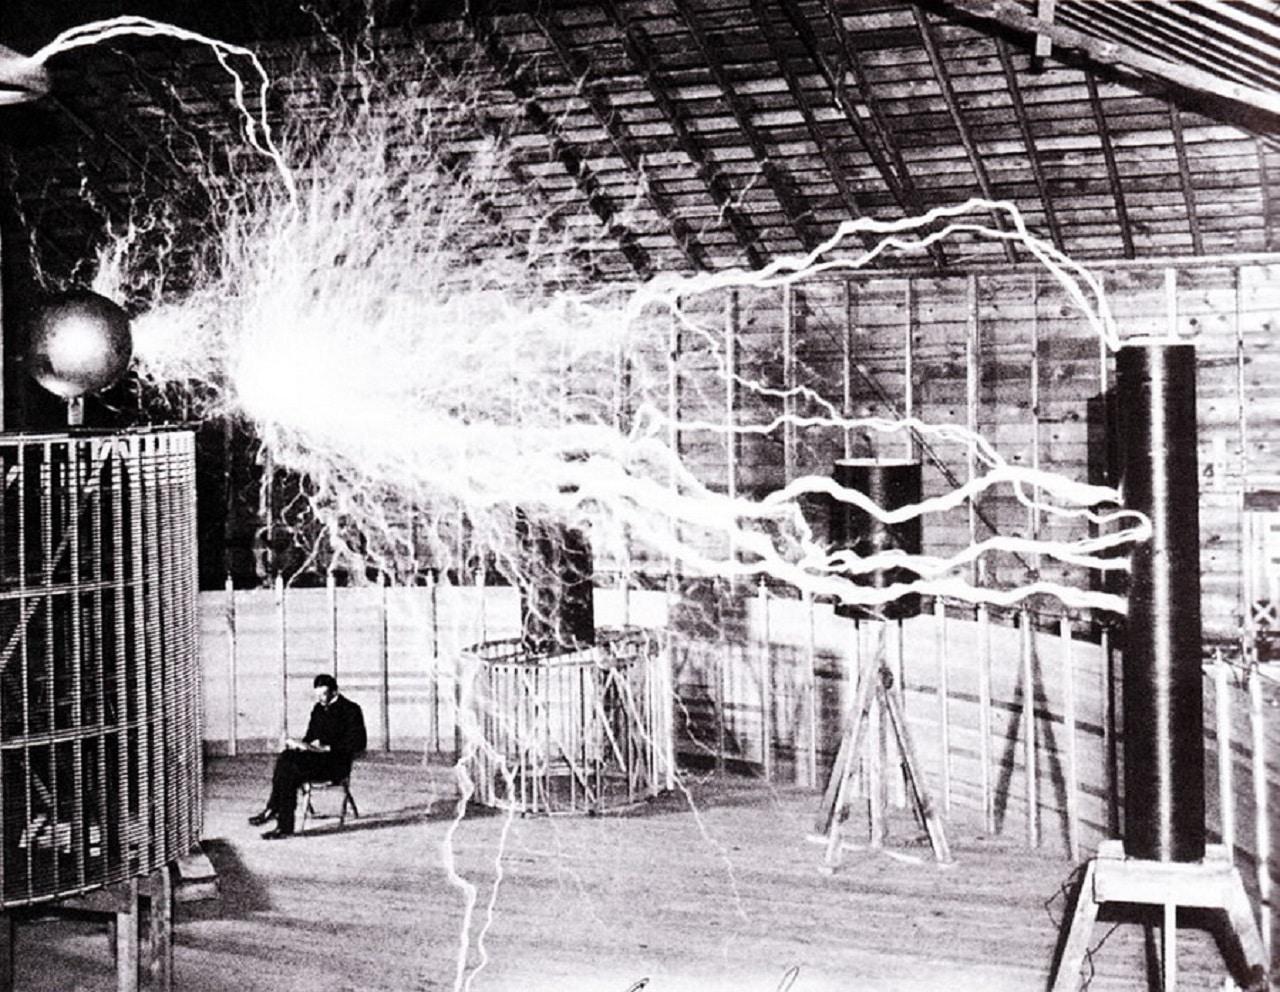 Laboratorio de Nikola Tesla